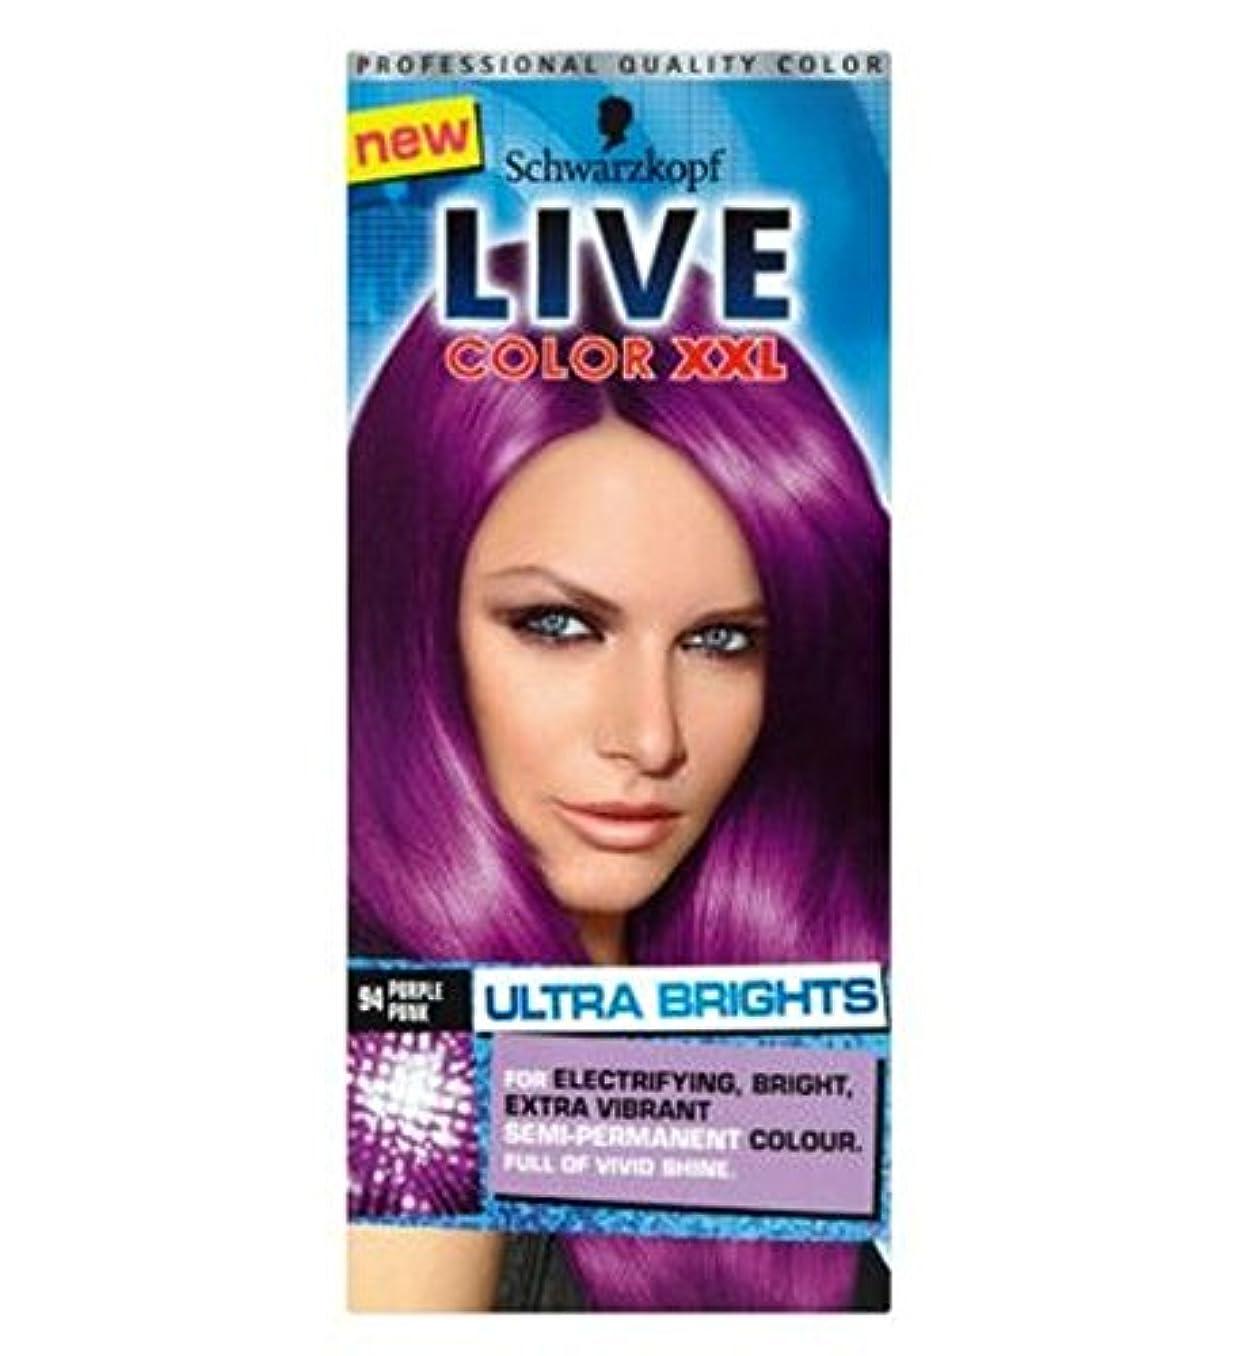 会議信頼できる傾くシュワルツコフライブカラーXxl超輝94紫パンク半永久的な紫色の染毛剤 (Schwarzkopf) (x2) - Schwarzkopf LIVE Color XXL Ultra Brights 94 Purple Punk Semi-Permanent Purple Hair Dye (Pack of 2) [並行輸入品]